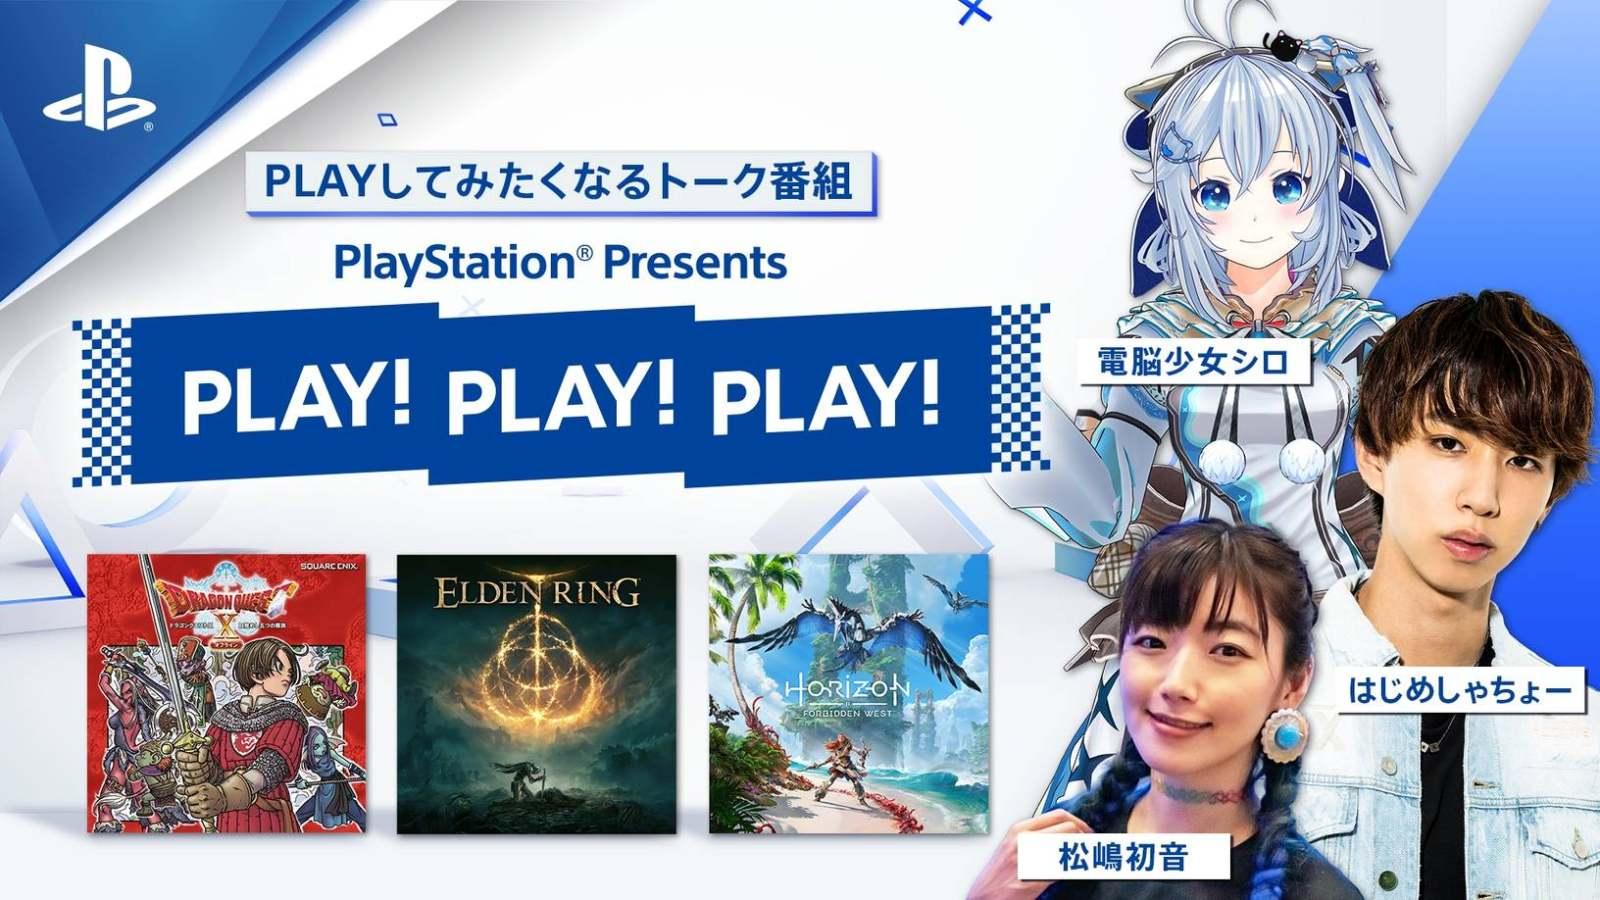 """有《艾尔登法环》消息!第二期""""PLAY!PLAY!PLAY!""""活动将于10月16日播出"""